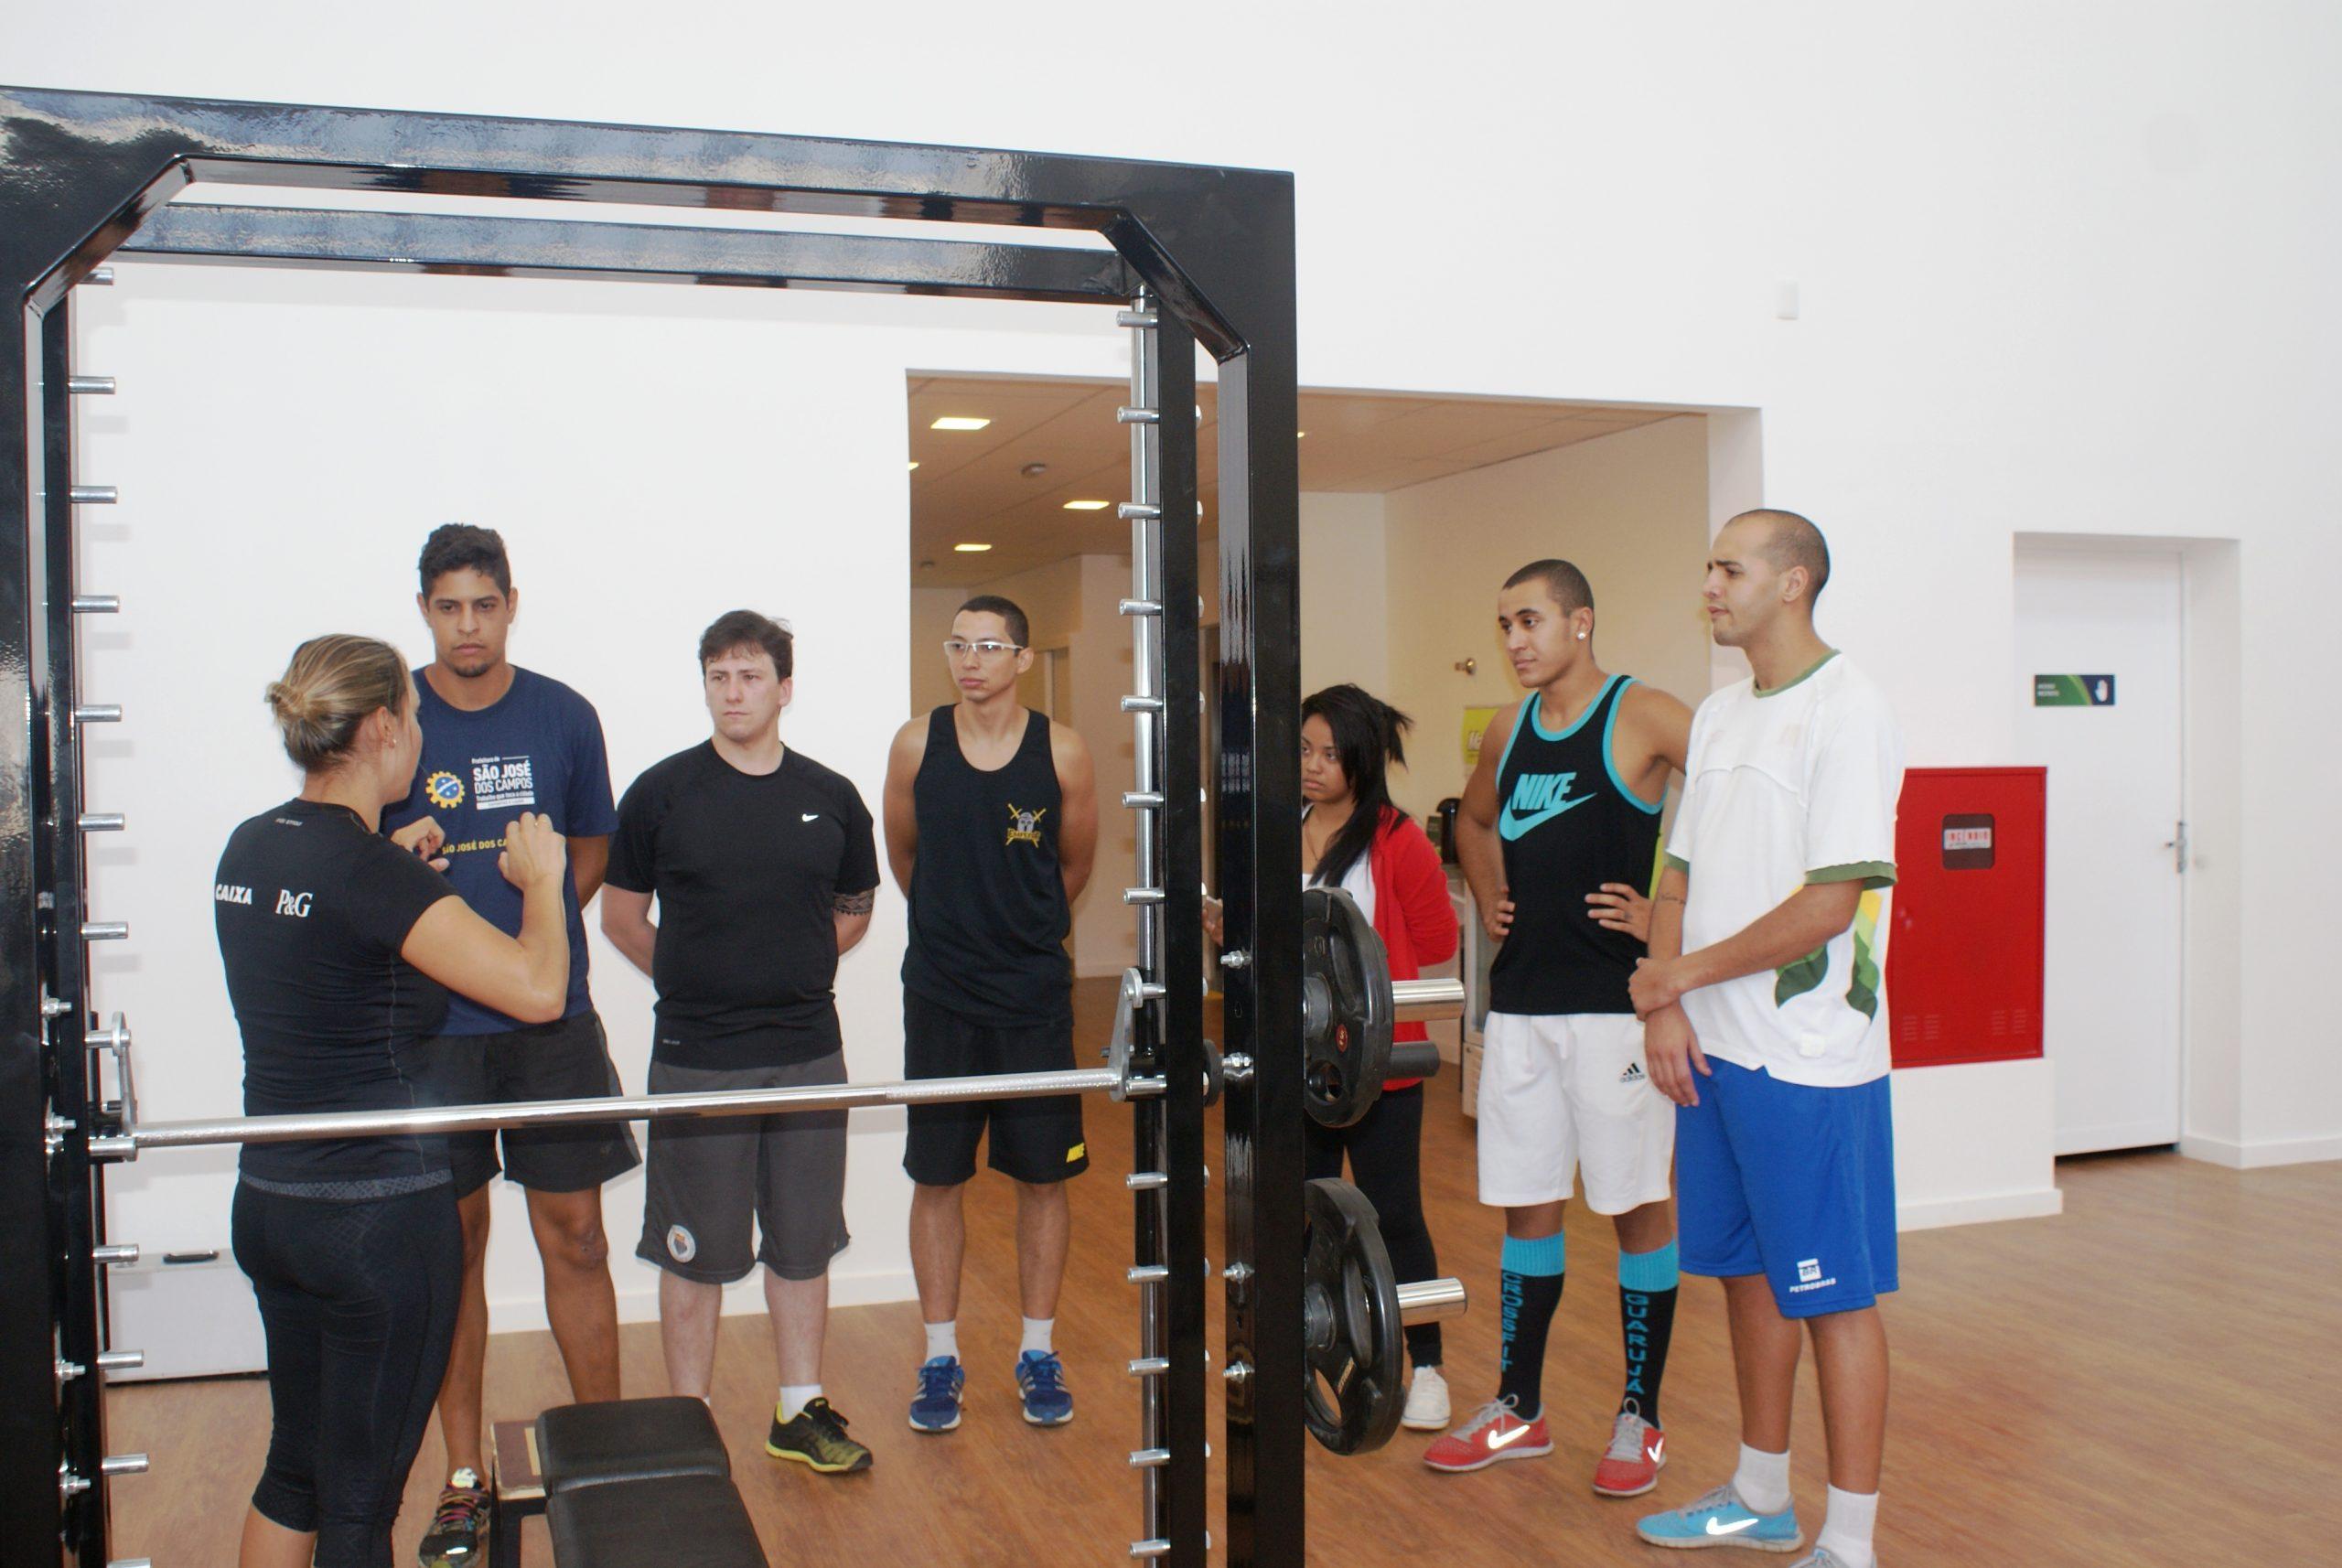 Equipe de Taekwondo do técnico Carlos Negrão é a primeira a ser avaliada no novo NAR em 2015